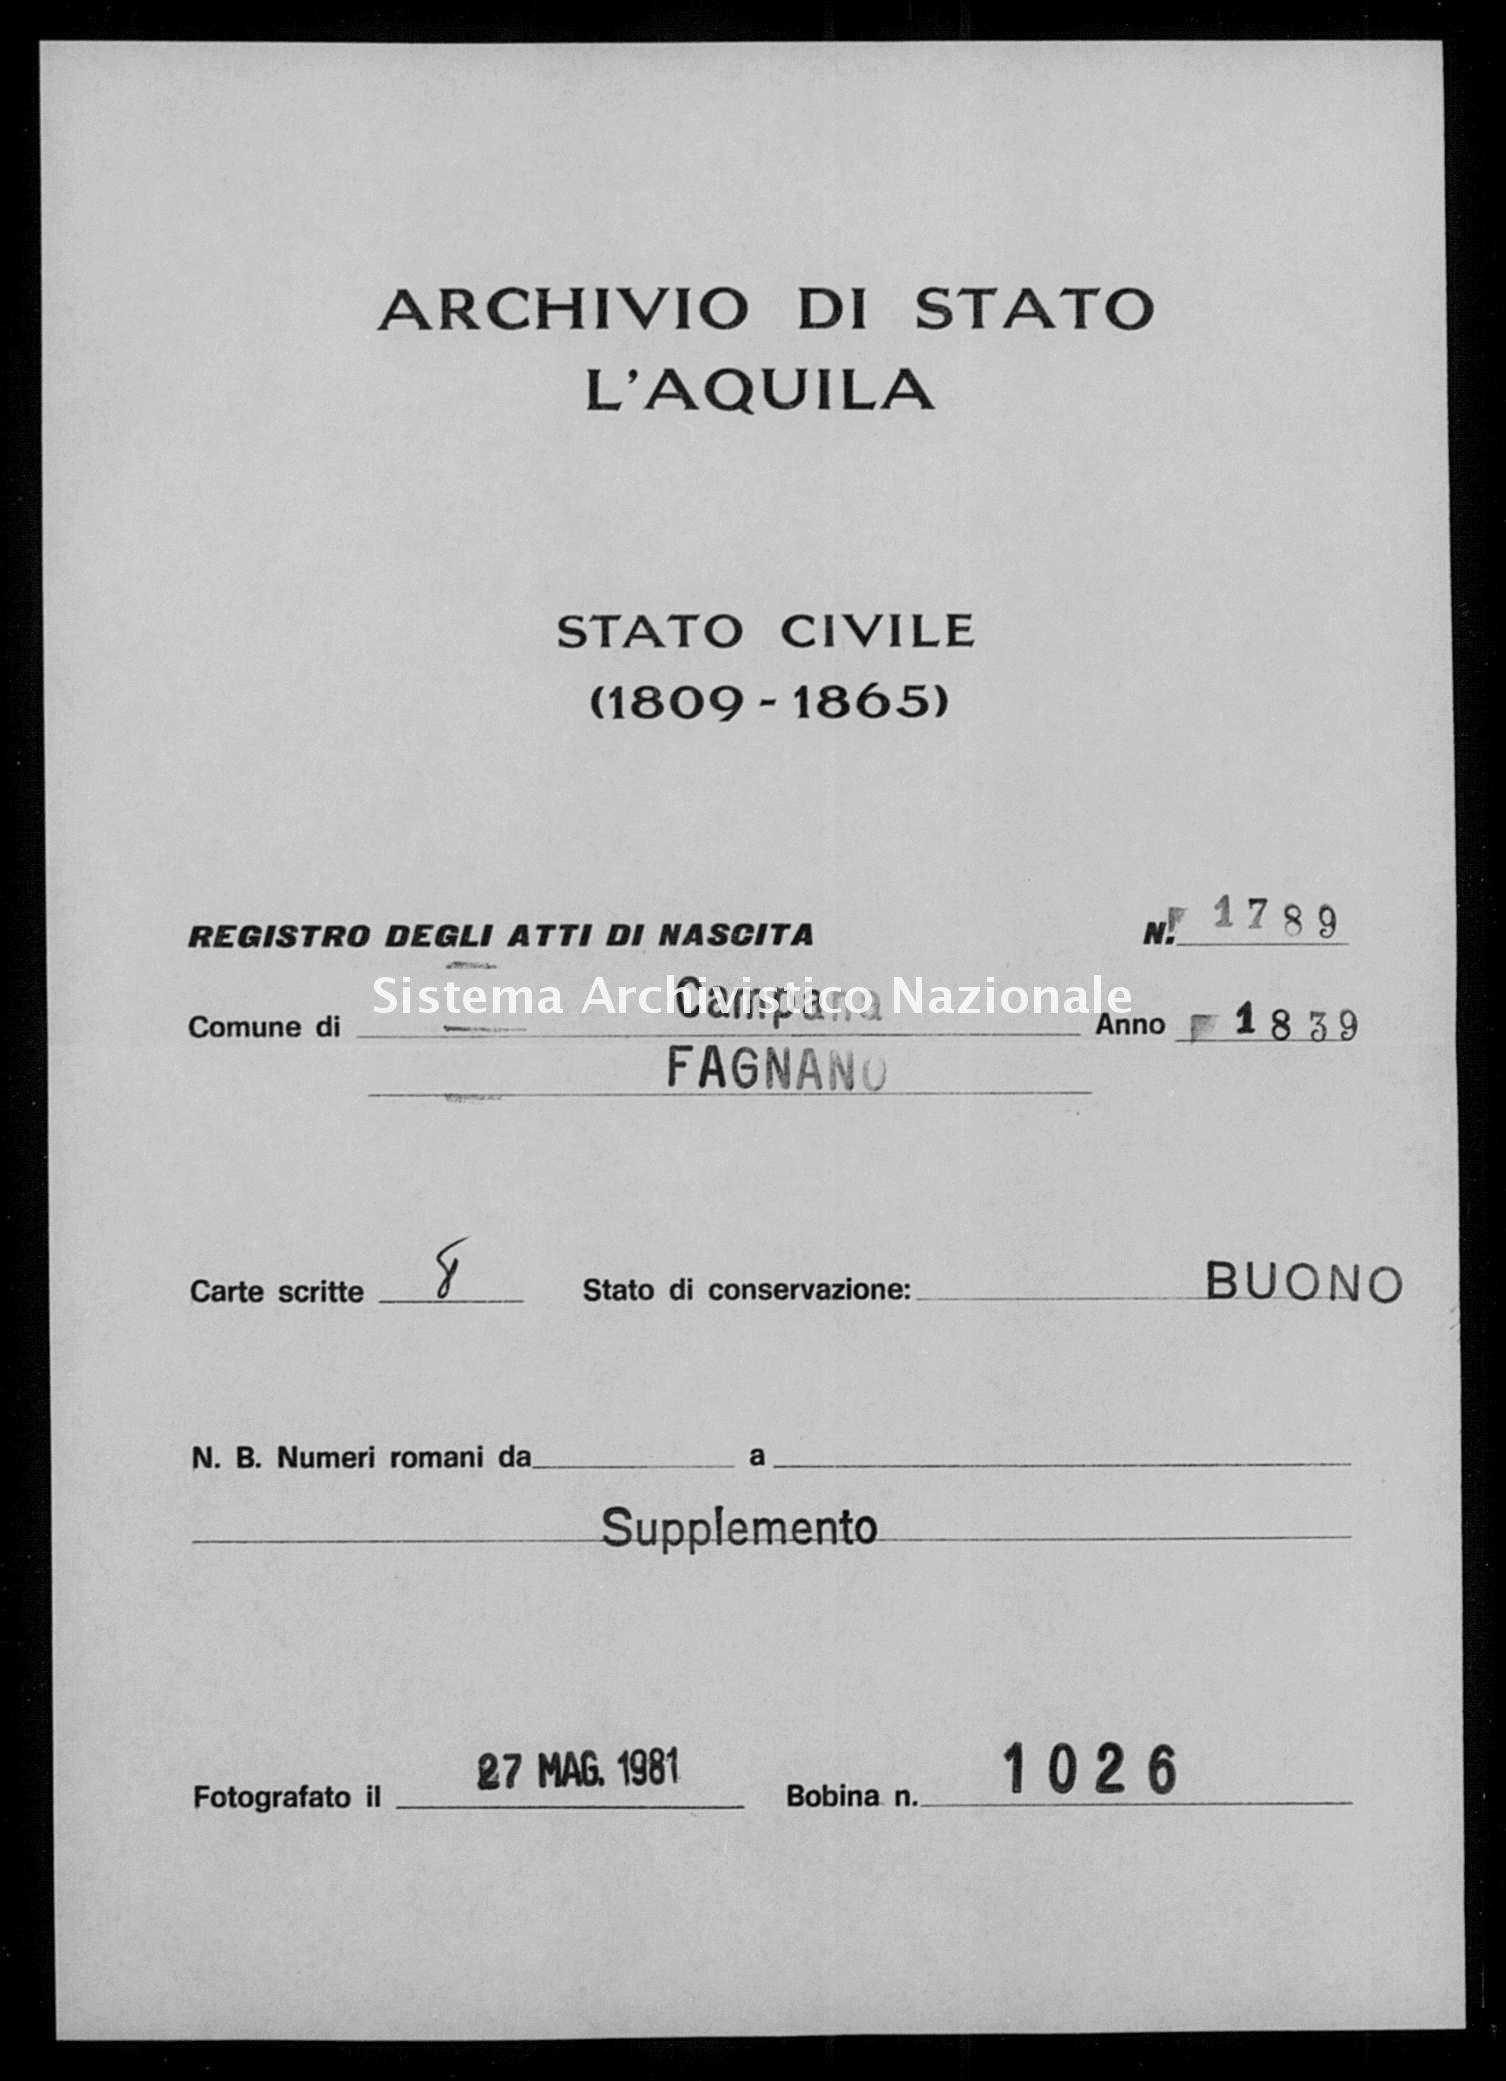 Archivio di stato di L'aquila - Stato civile della restaurazione - Campana - Nati, battesimi - 1839 - 1789 -